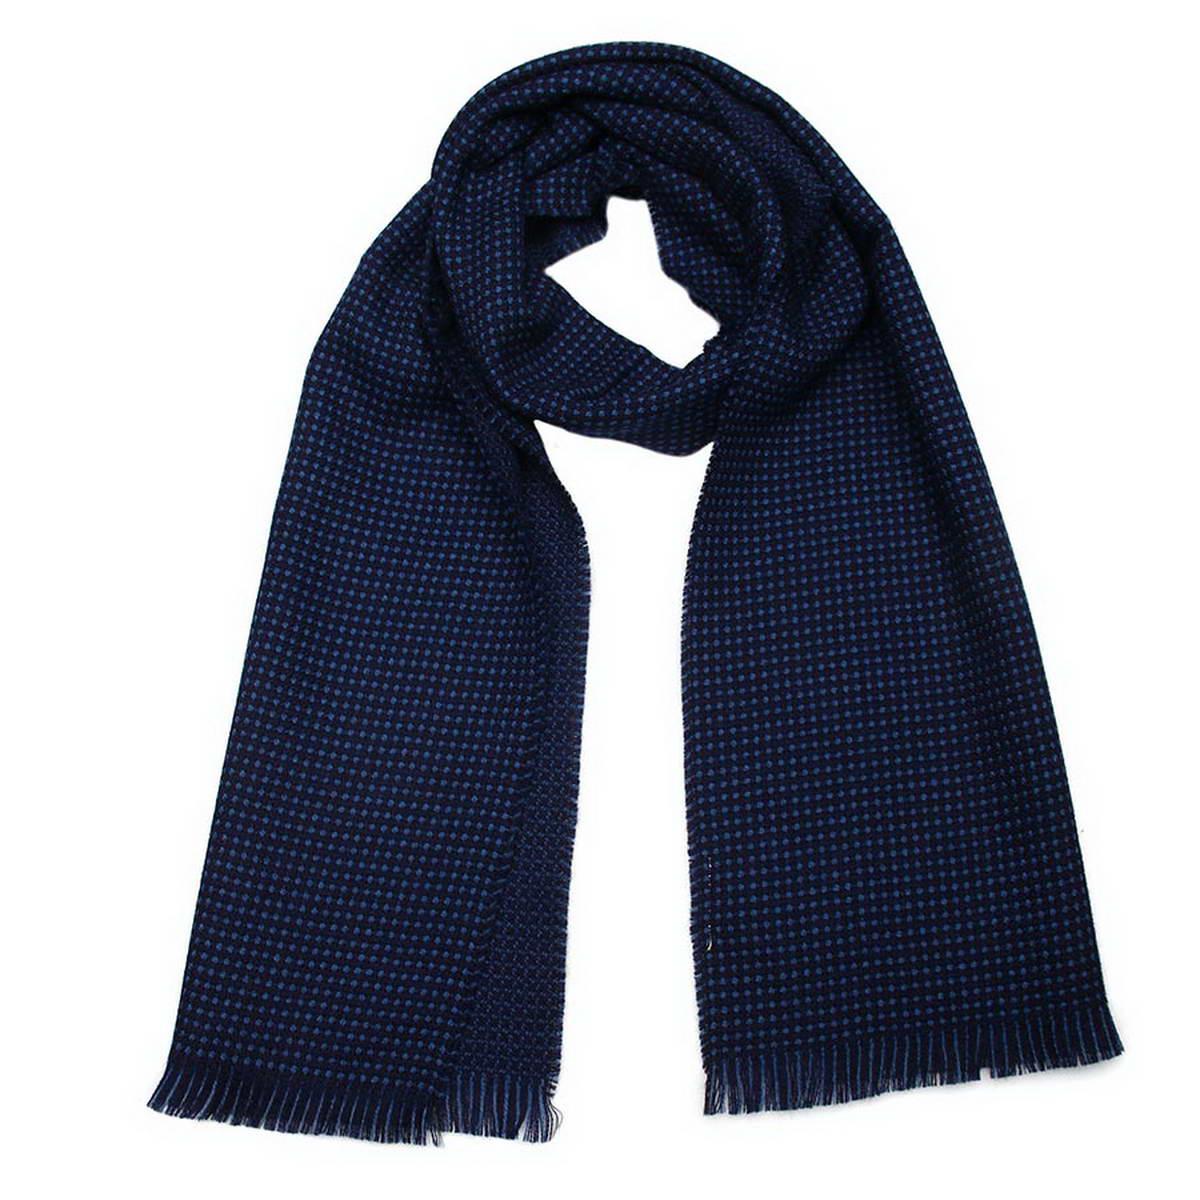 Шарф мужской. 5001832_двухцветный5001832-1Стильный мужской шарф Venera будет прекрасно согревать в осеннюю прохладу и морозы. Шарф выполнен из натуральной шерсти и оформлен по краям бахромой. Классический шарф идеально дополнит мужской образ, а ненавязчивый дизайн сделает аксессуар универсальной вещью, которая удачно дополнит любую верхнюю одежду мужчины, подчеркнет неповторимый вкус и элегантность.